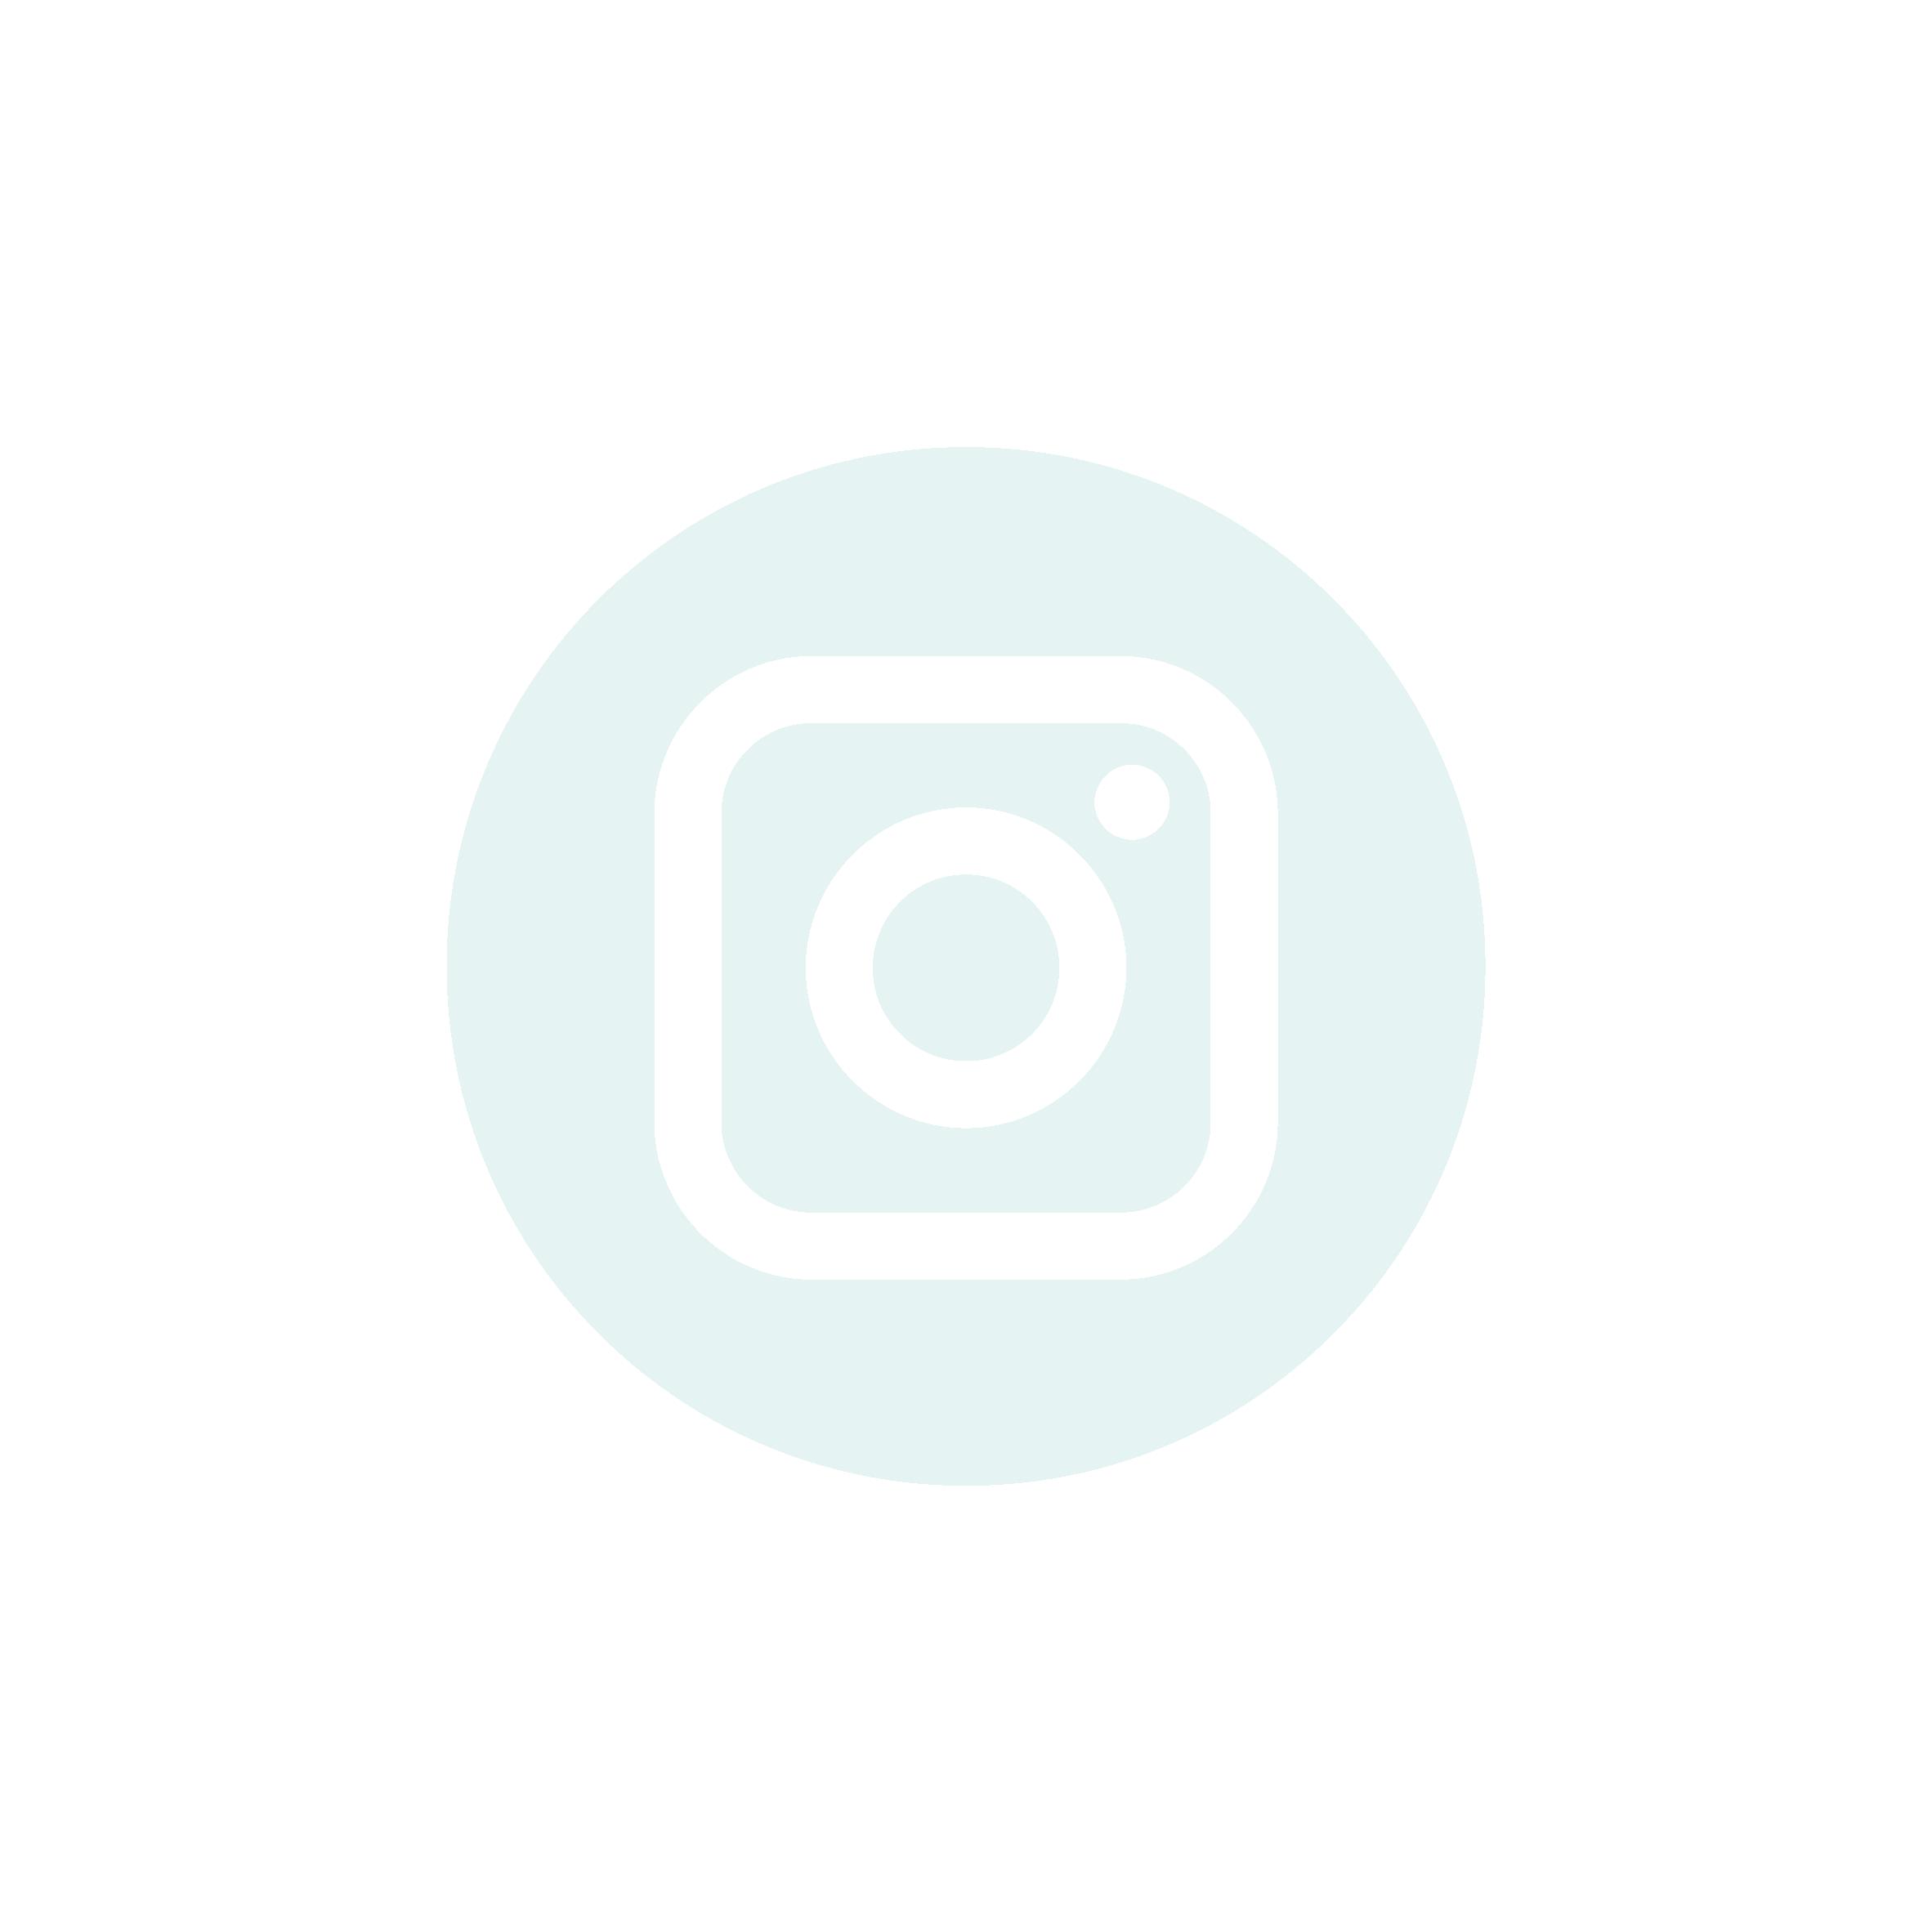 Instagram osteoplay